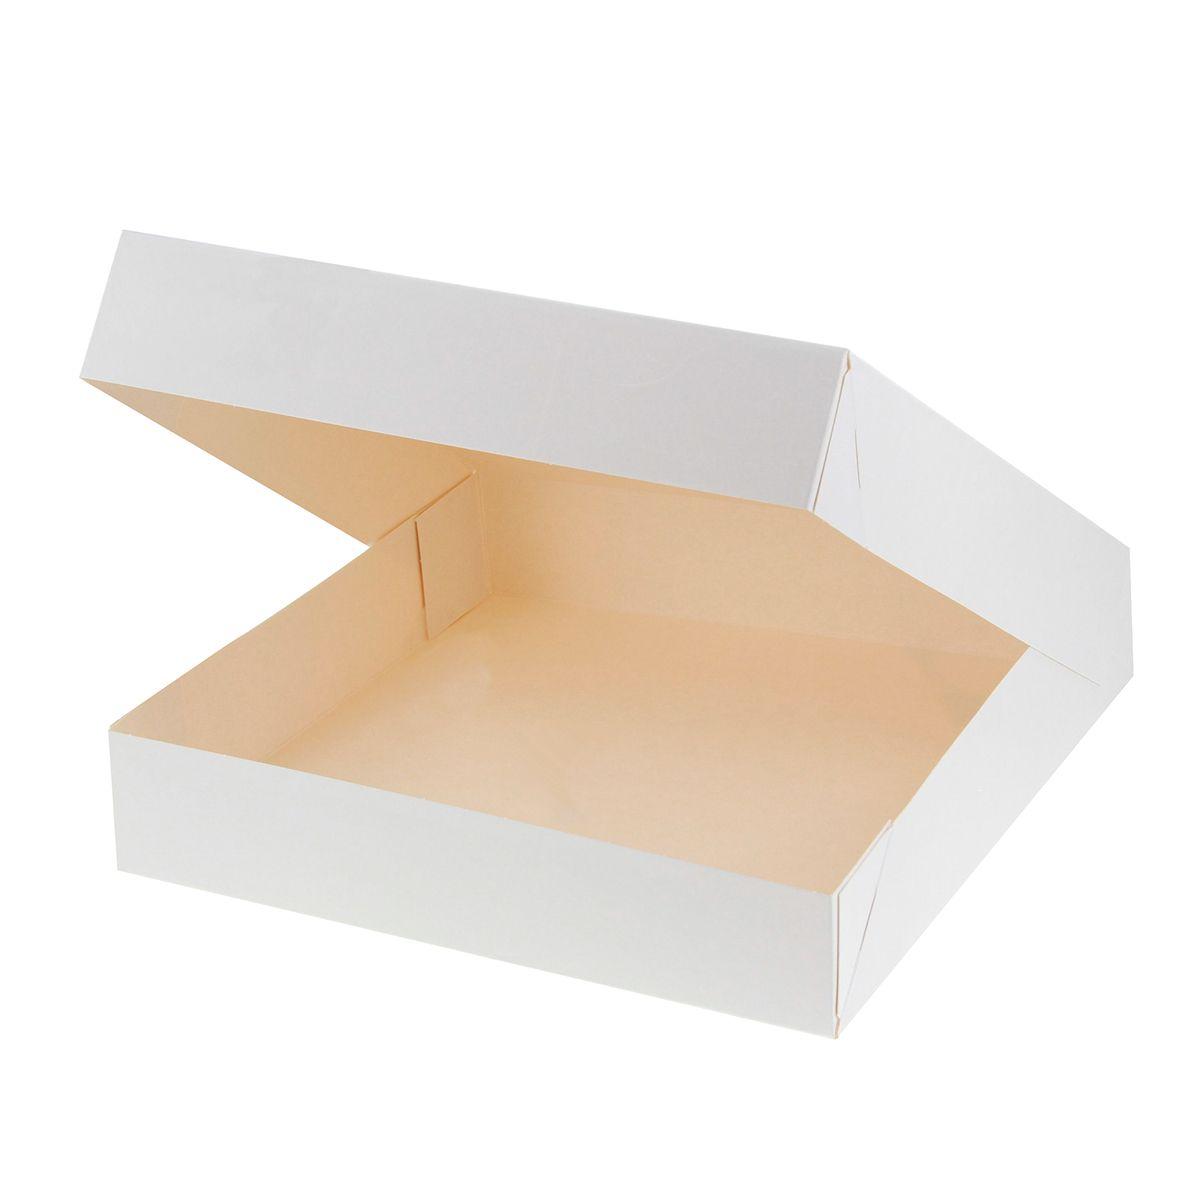 Boîte à gâteaux blanche 26 x 26 x 5 cm - Patisdecor